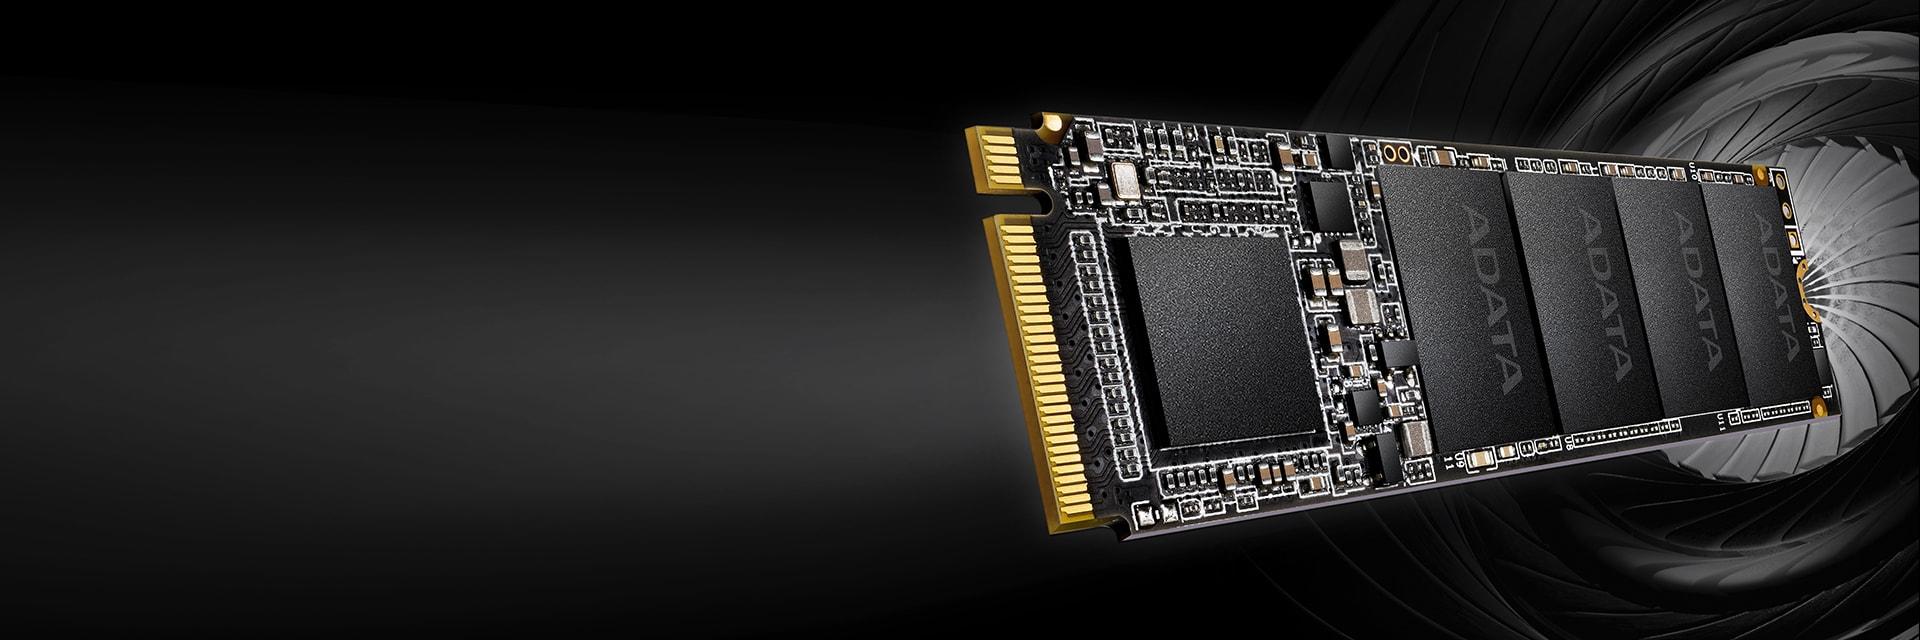 ADATA SX6000 Lite NVMe SSD HDD 2019 هارديسك